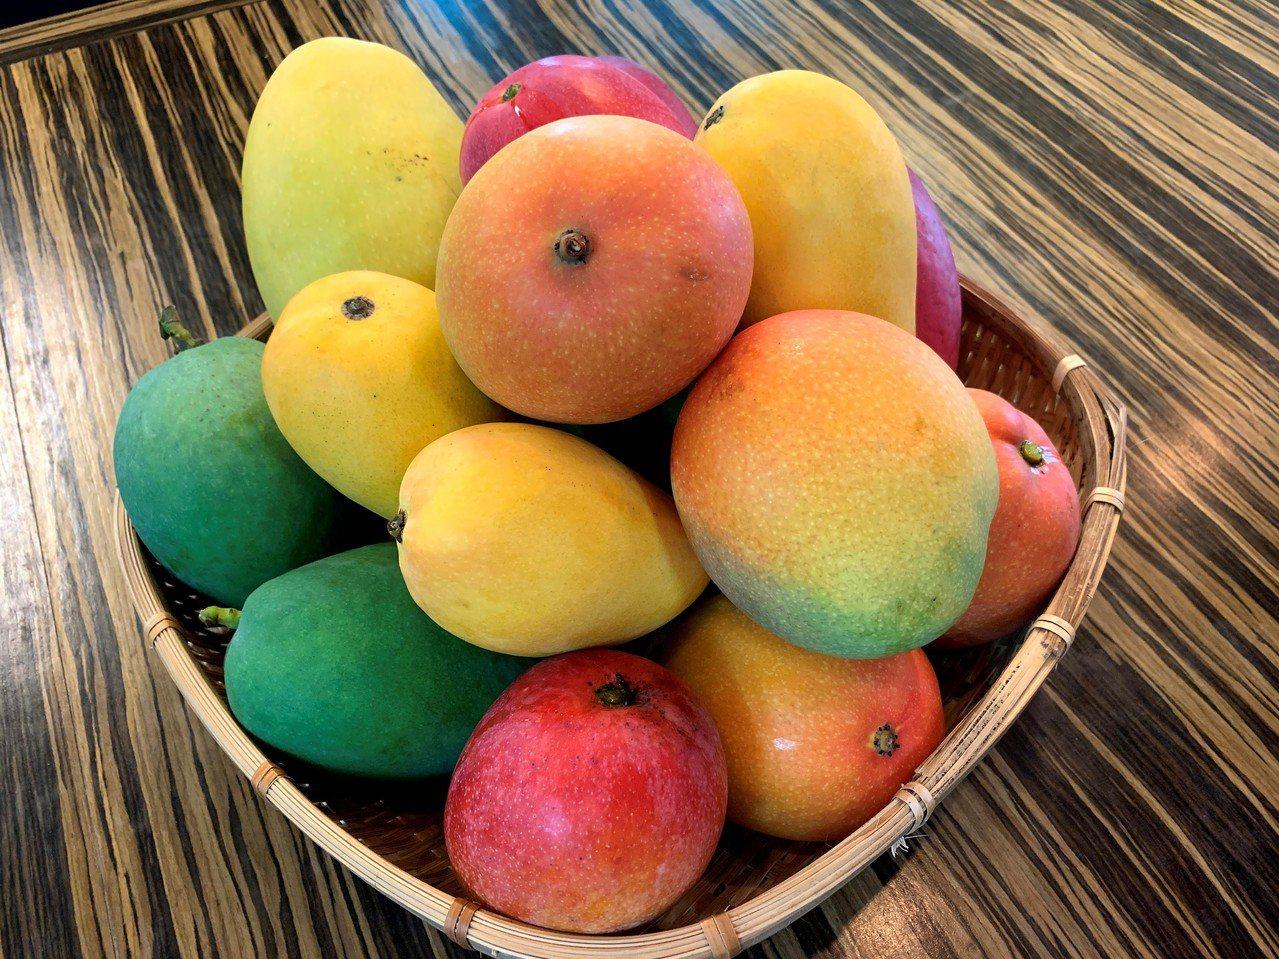 芒果有多種品種供消費者挑選品嘗,唯一的綠皮為黑香。 圖/吳淑玲 攝影